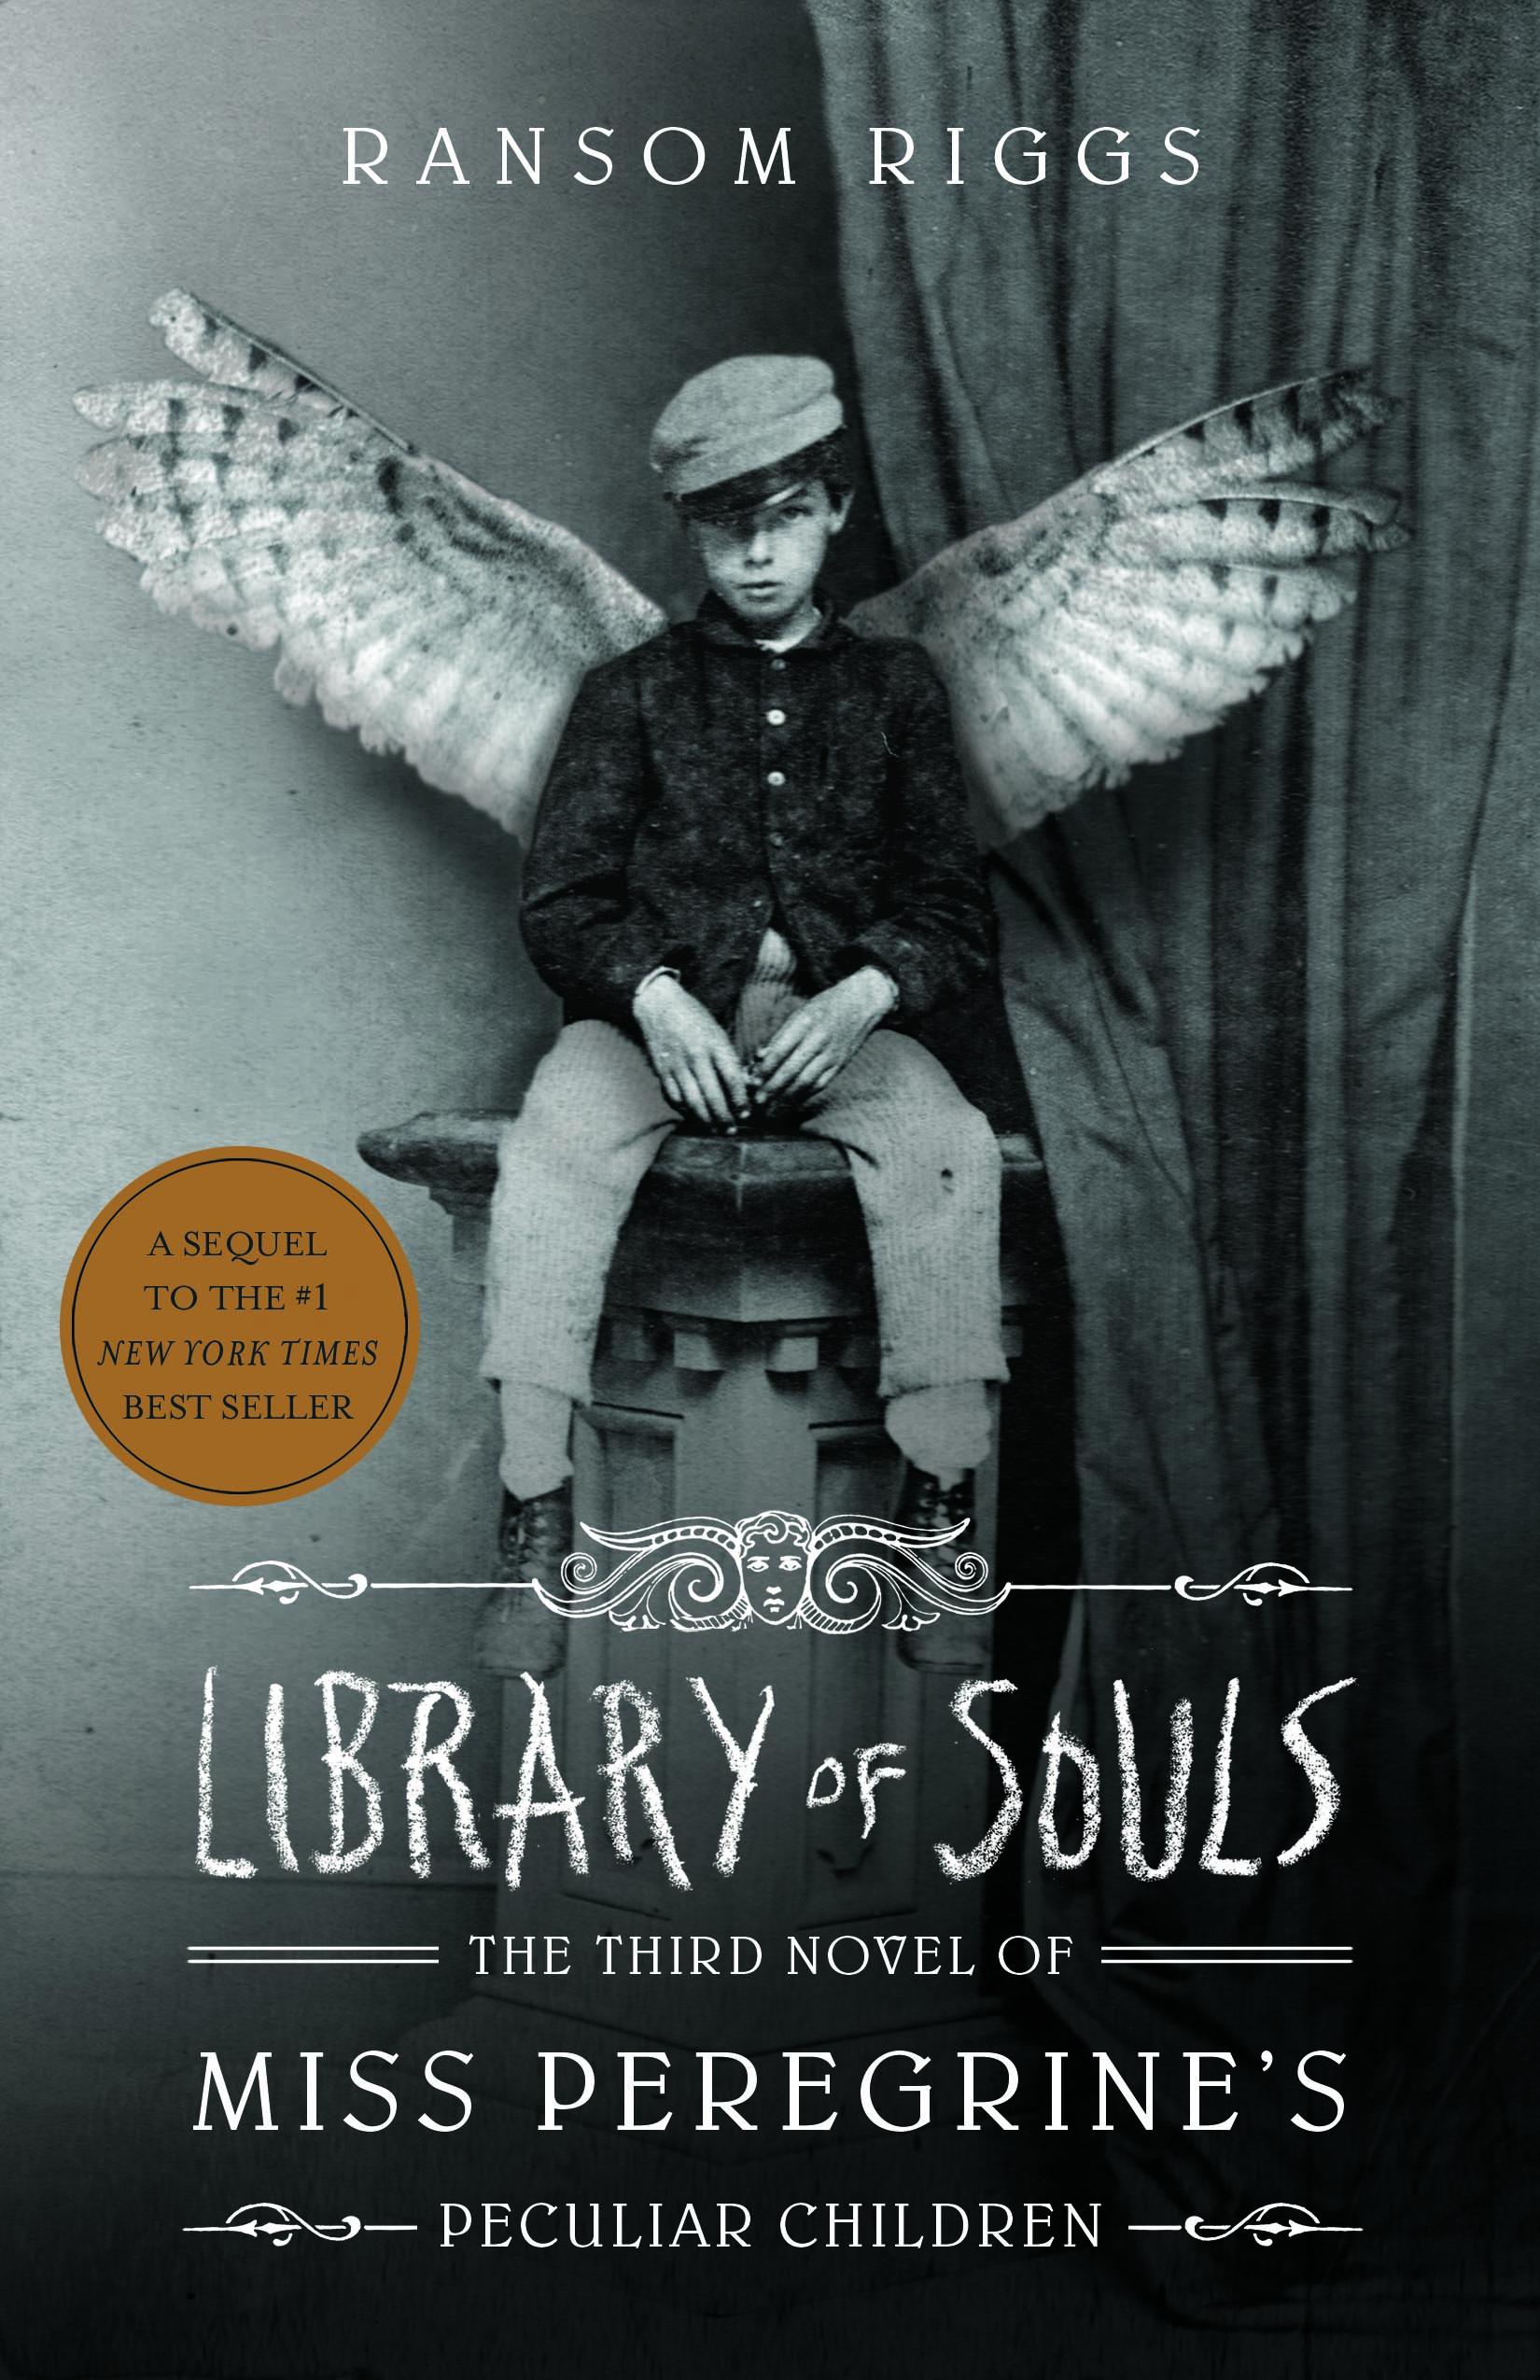 LibraryOfSouls.jpg